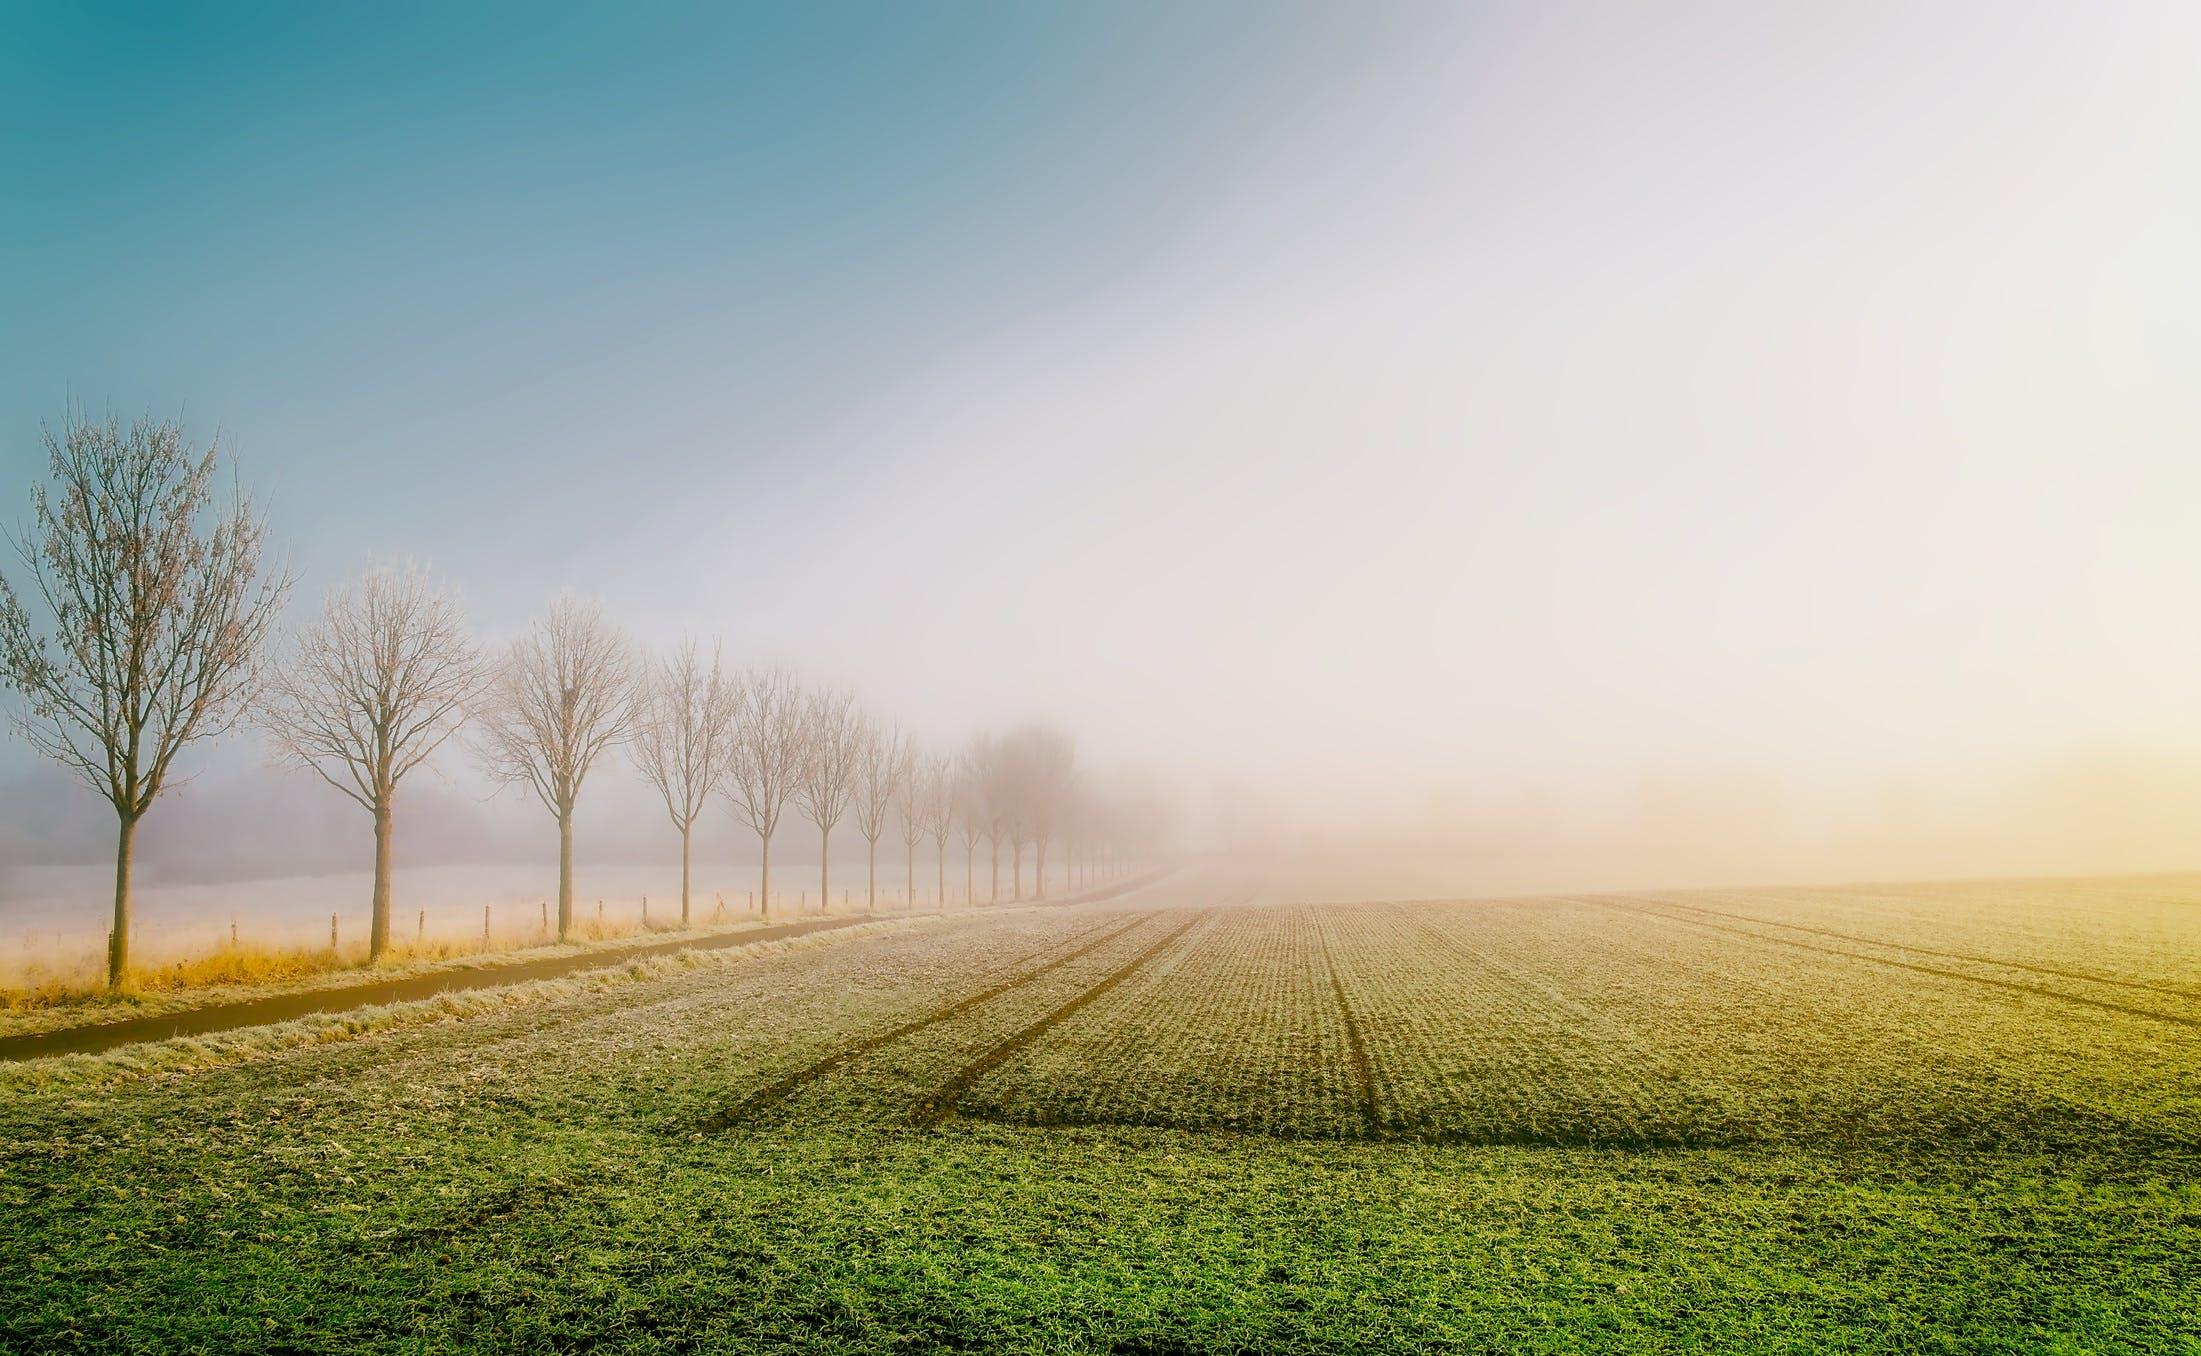 countryside, crop, farm